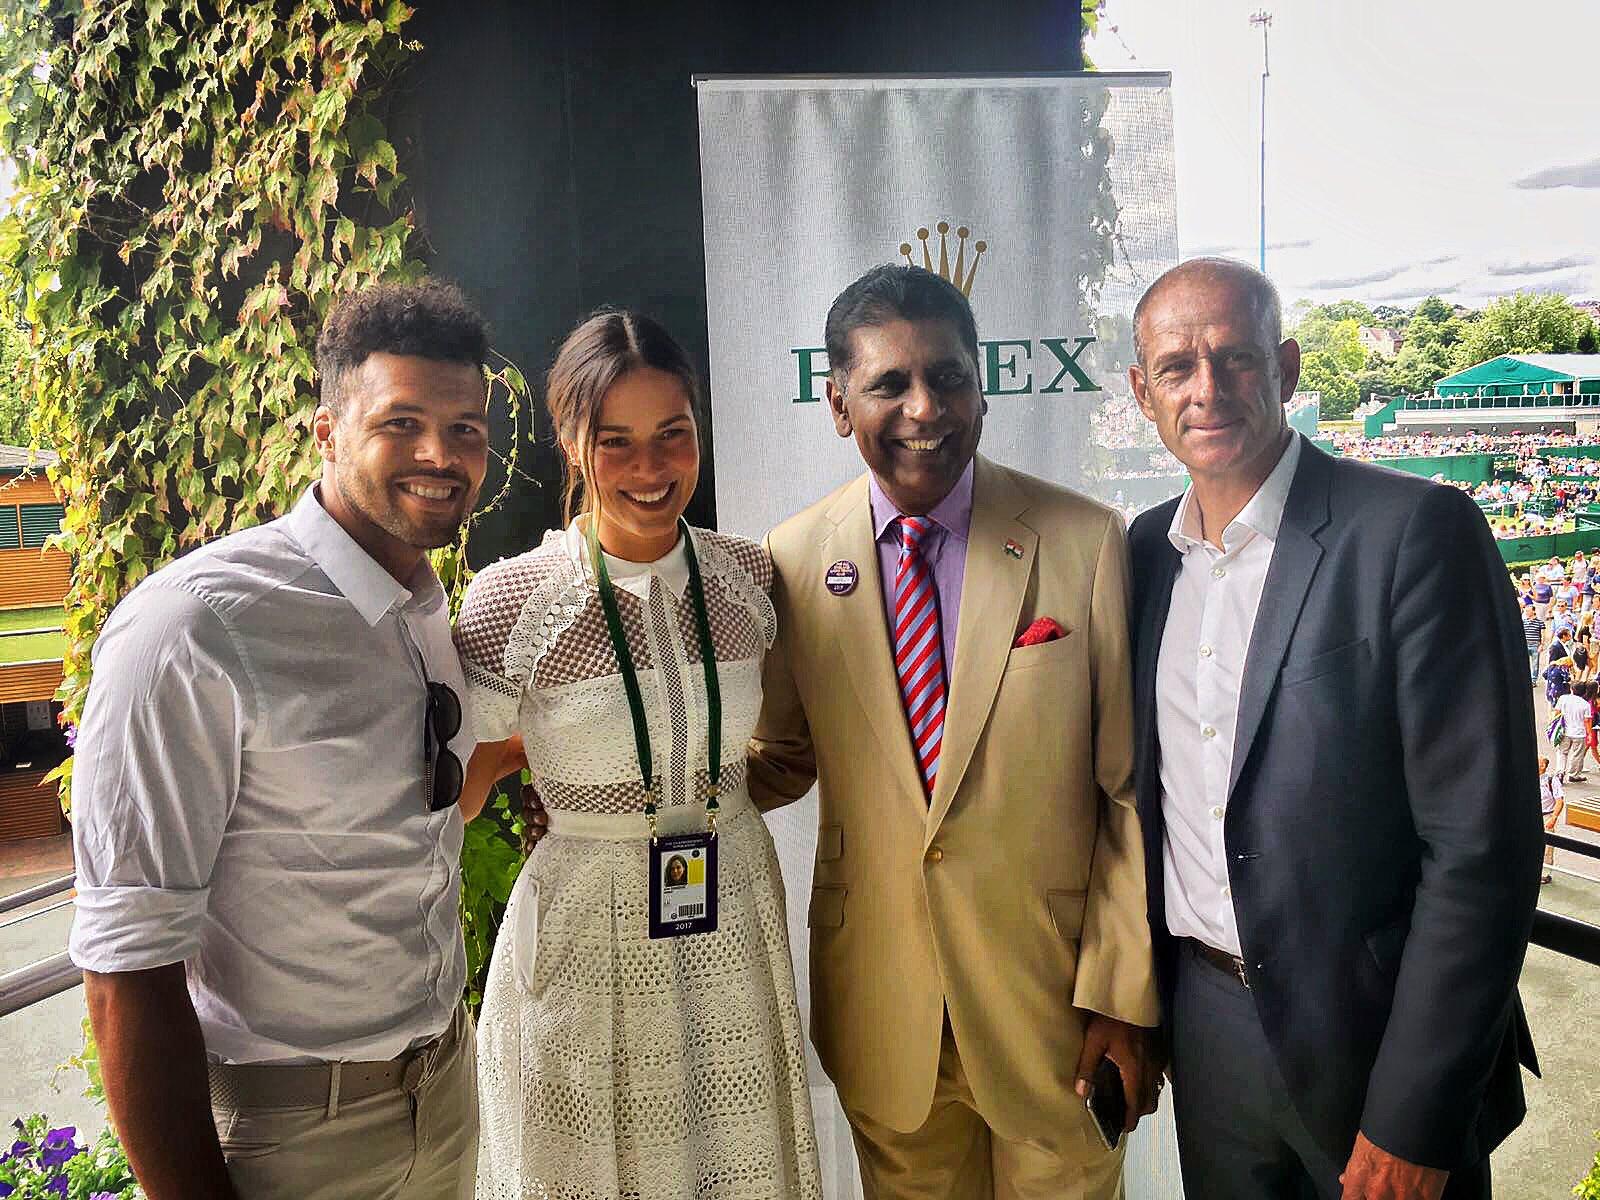 Visite chez mon partenaire #ROLEX  #DayOff #Wimbledon https://t.co/2hZZky7XR5